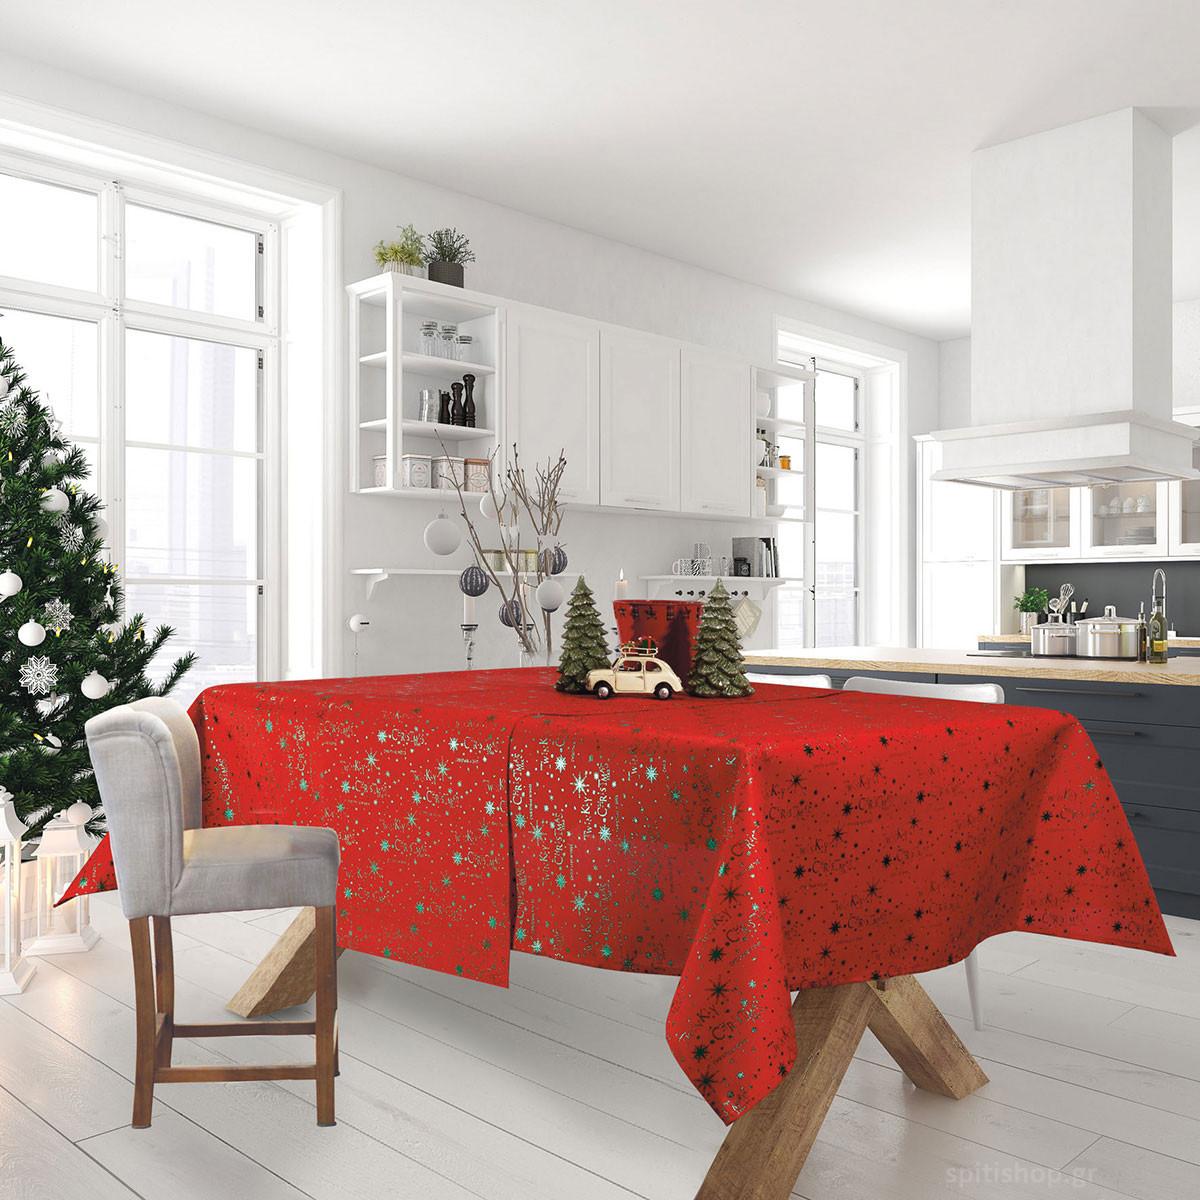 Χριστουγεννιάτικο Τραπεζομάντηλο (140×180) Das Home Xmas 0574